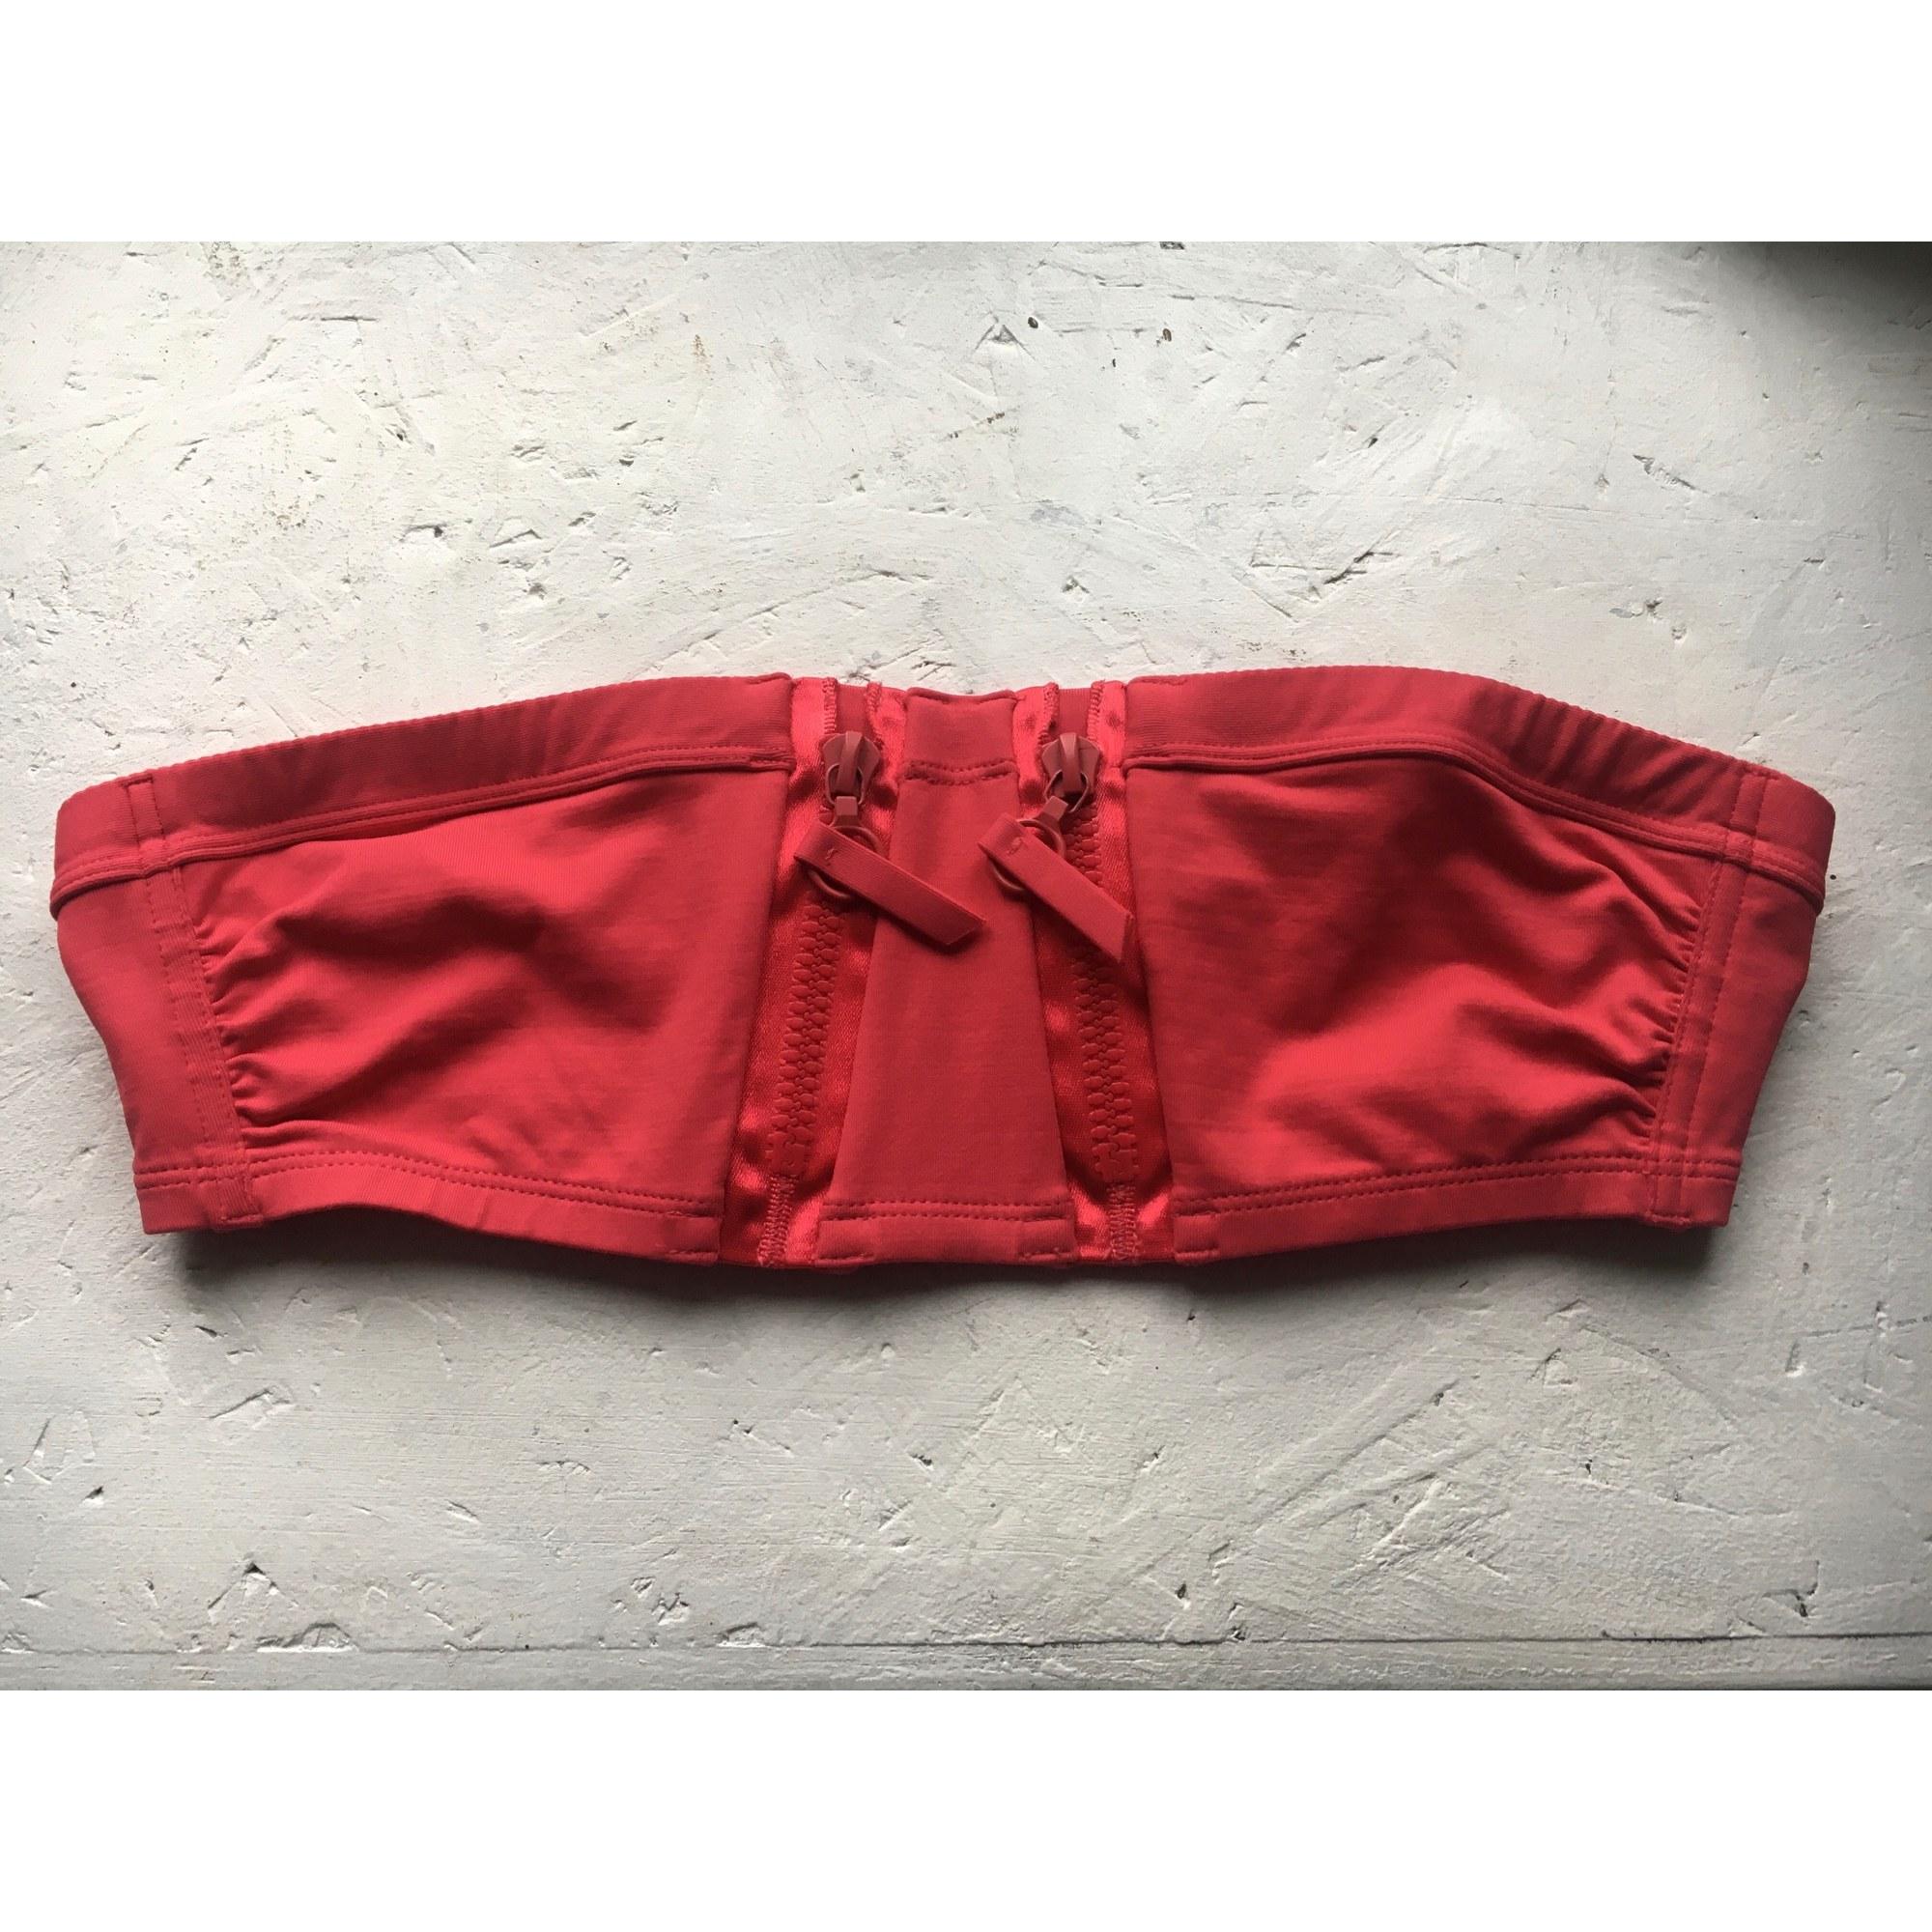 Maillot de bain deux-pièces ERES Rouge, bordeaux